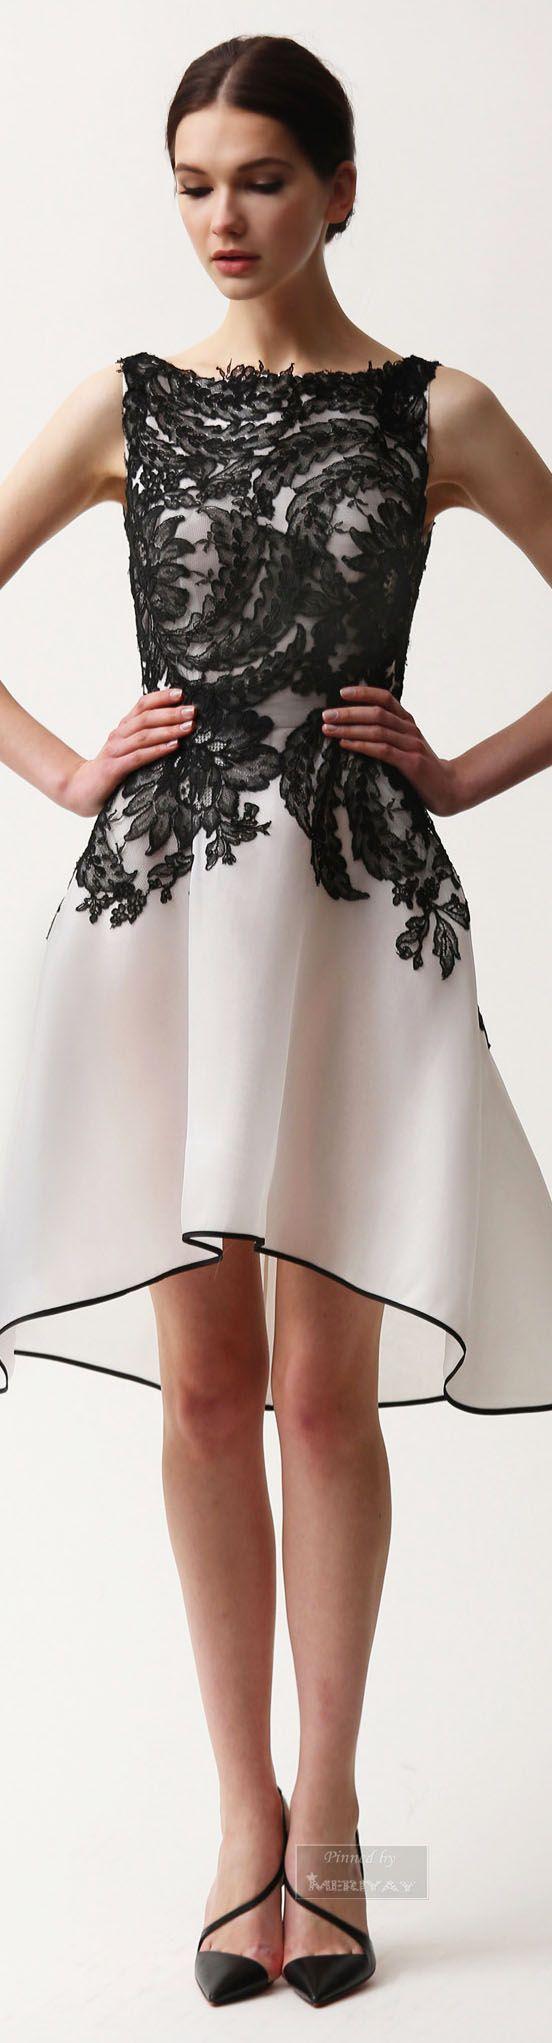 best formal black and white images on pinterest black n white